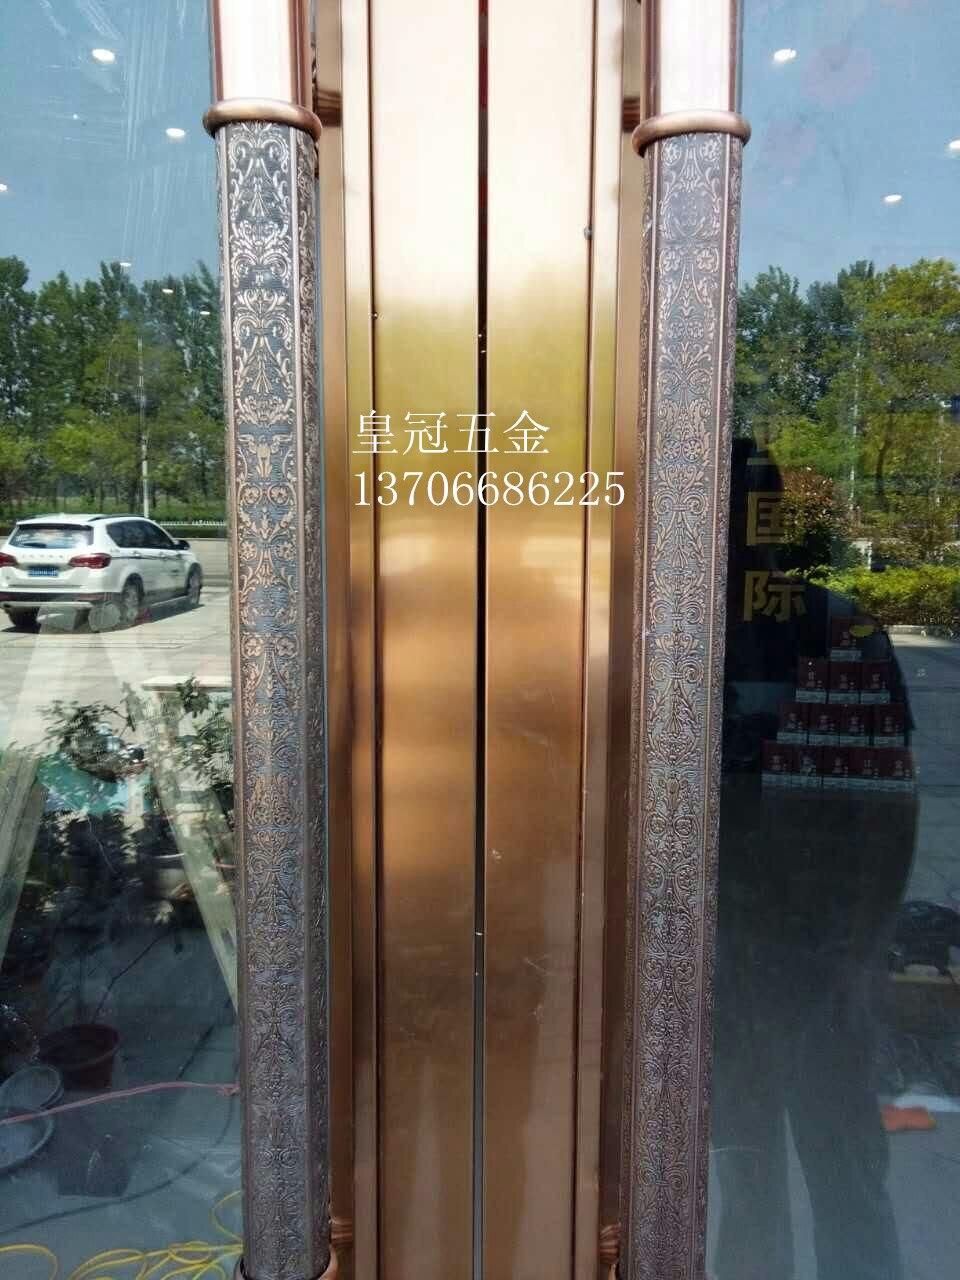 The modern antique wooden door handle door handle door handle heavy sliding door glass door handle for opening the door door